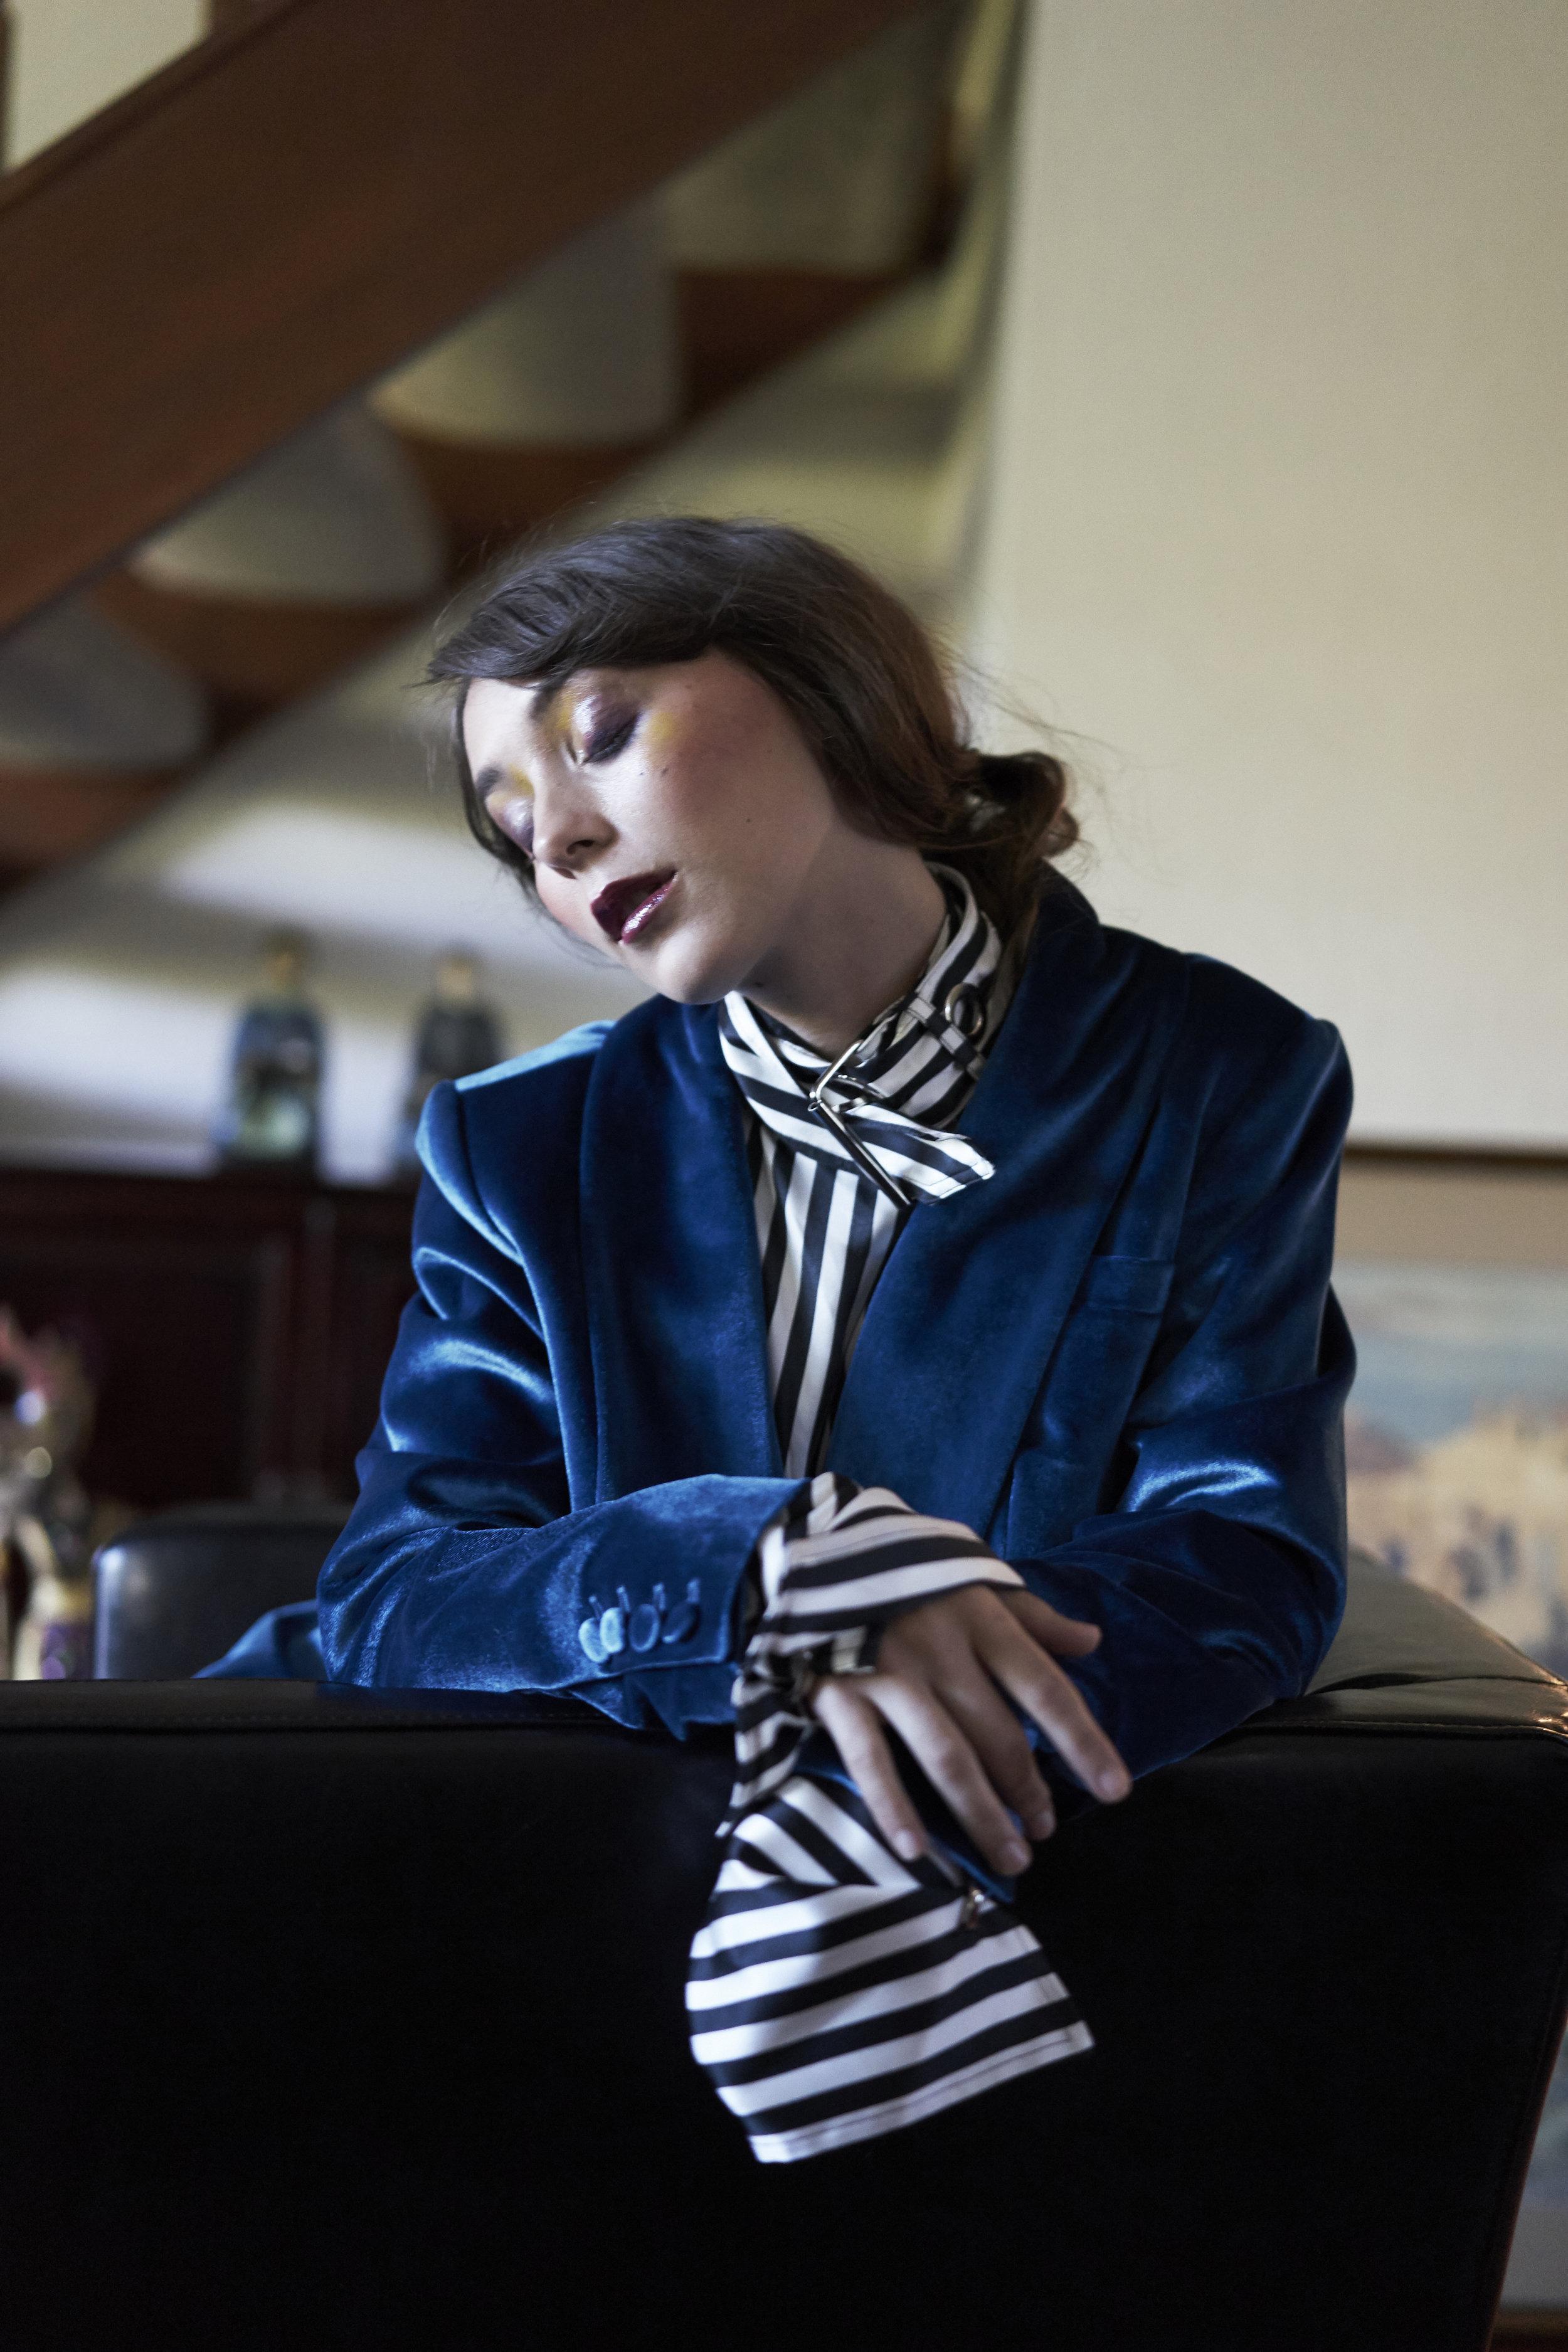 Jacket—Self Portrait / Elizabeth Charles, Shirt—Marques Almeida / Elizabeth Charles